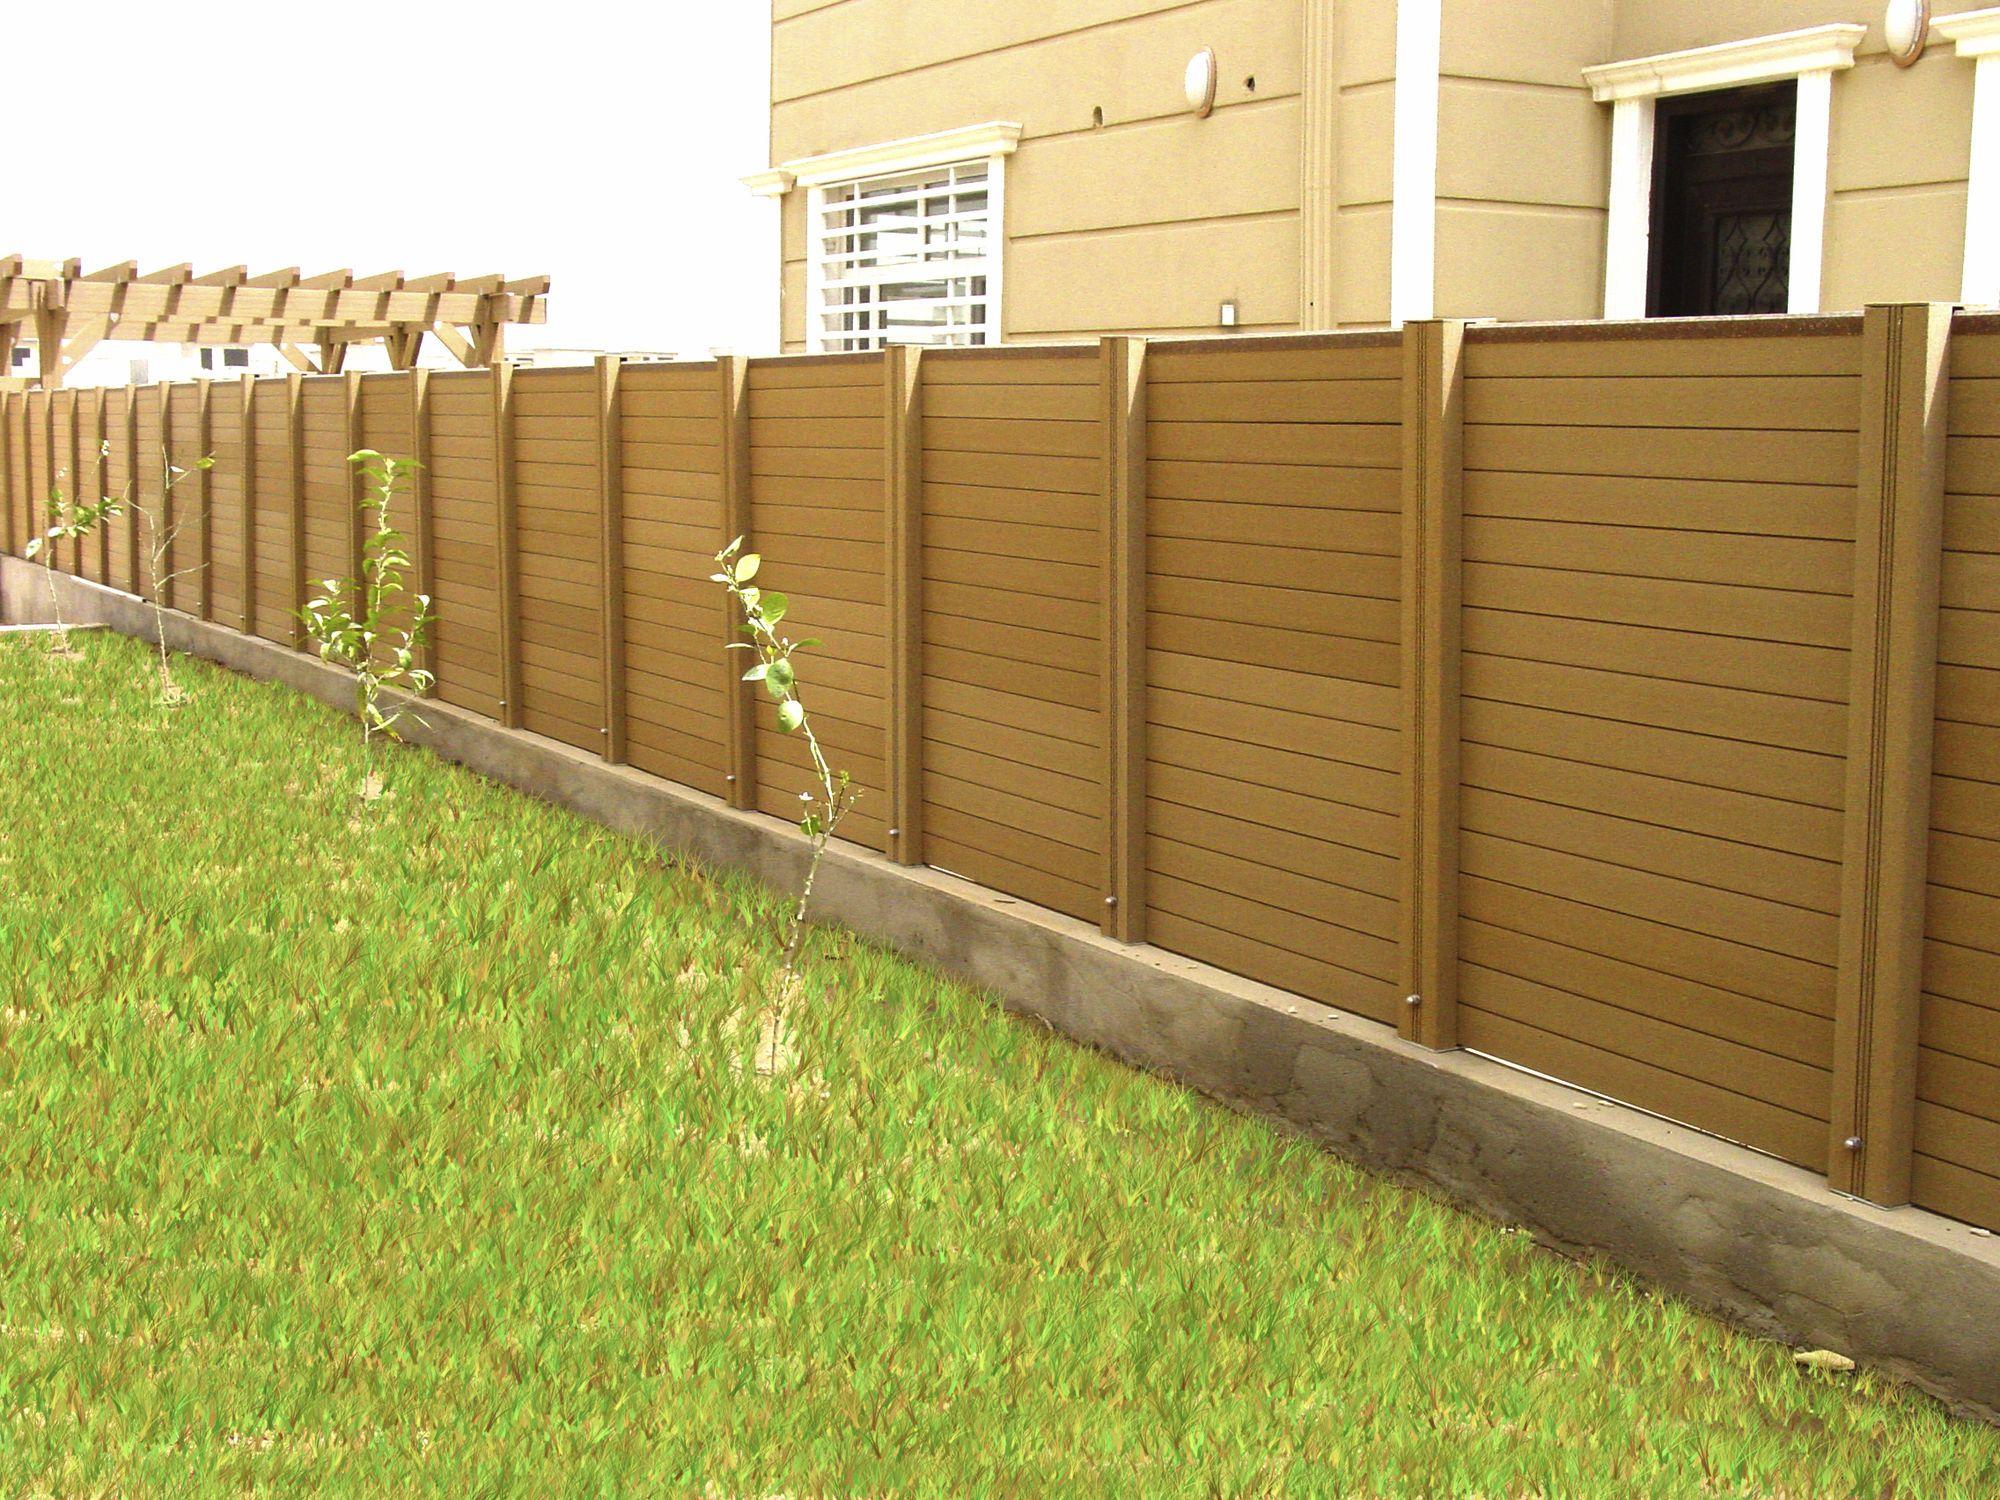 Valla de madera sintetica para separacion y ocultacion del perimetro de un chalet - Ocultacion para jardin ...